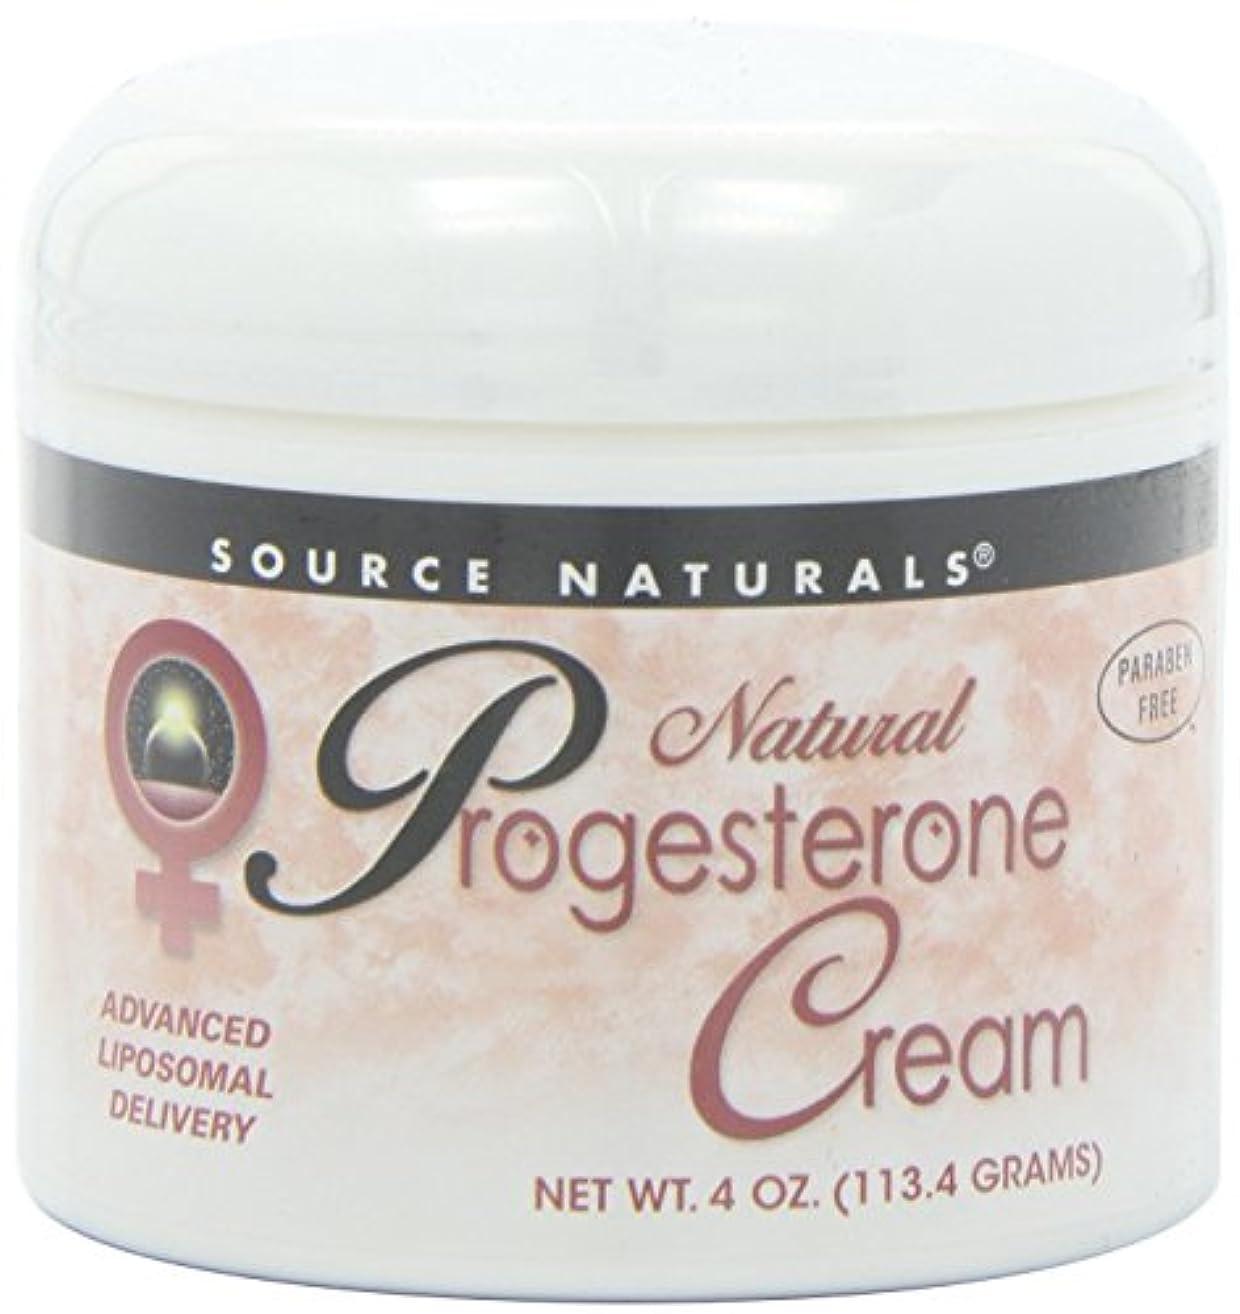 昨日異邦人メイドSource Naturals Natural Progesterone Cream, 4 Ounce (113.4 g) クリーム 並行輸入品 [並行輸入品]